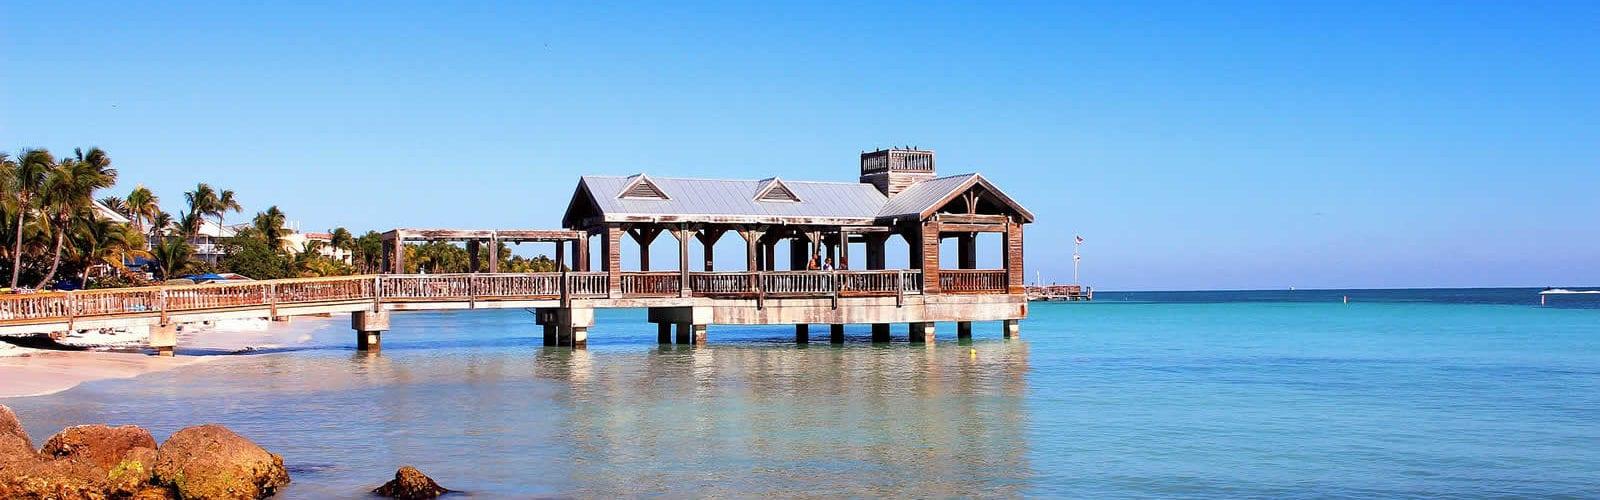 week-end-key-west-visiter-plages-plongee-musee-une